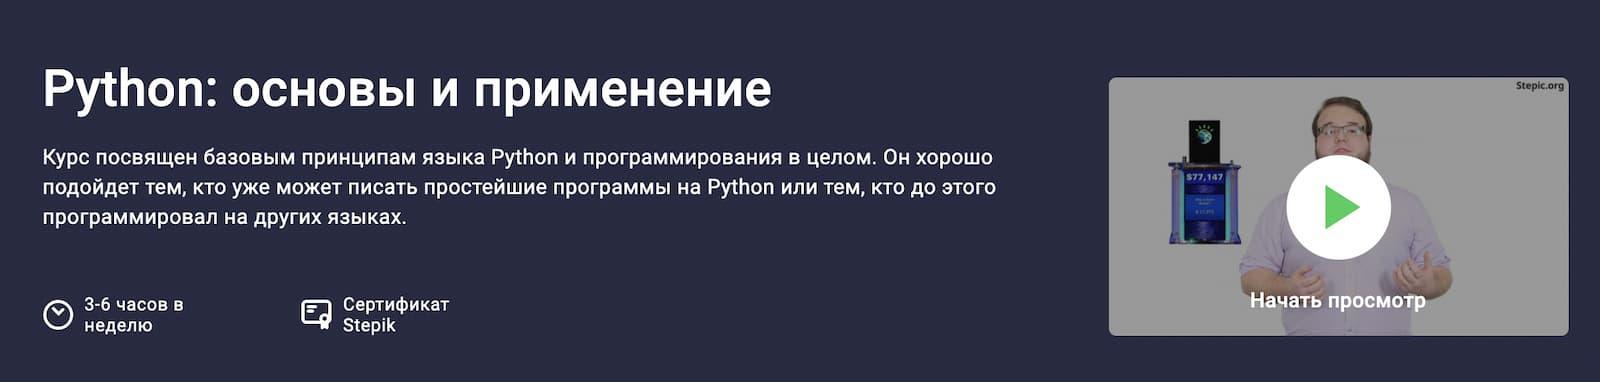 Записаться на курс «Python: основы и применение» от Stepik